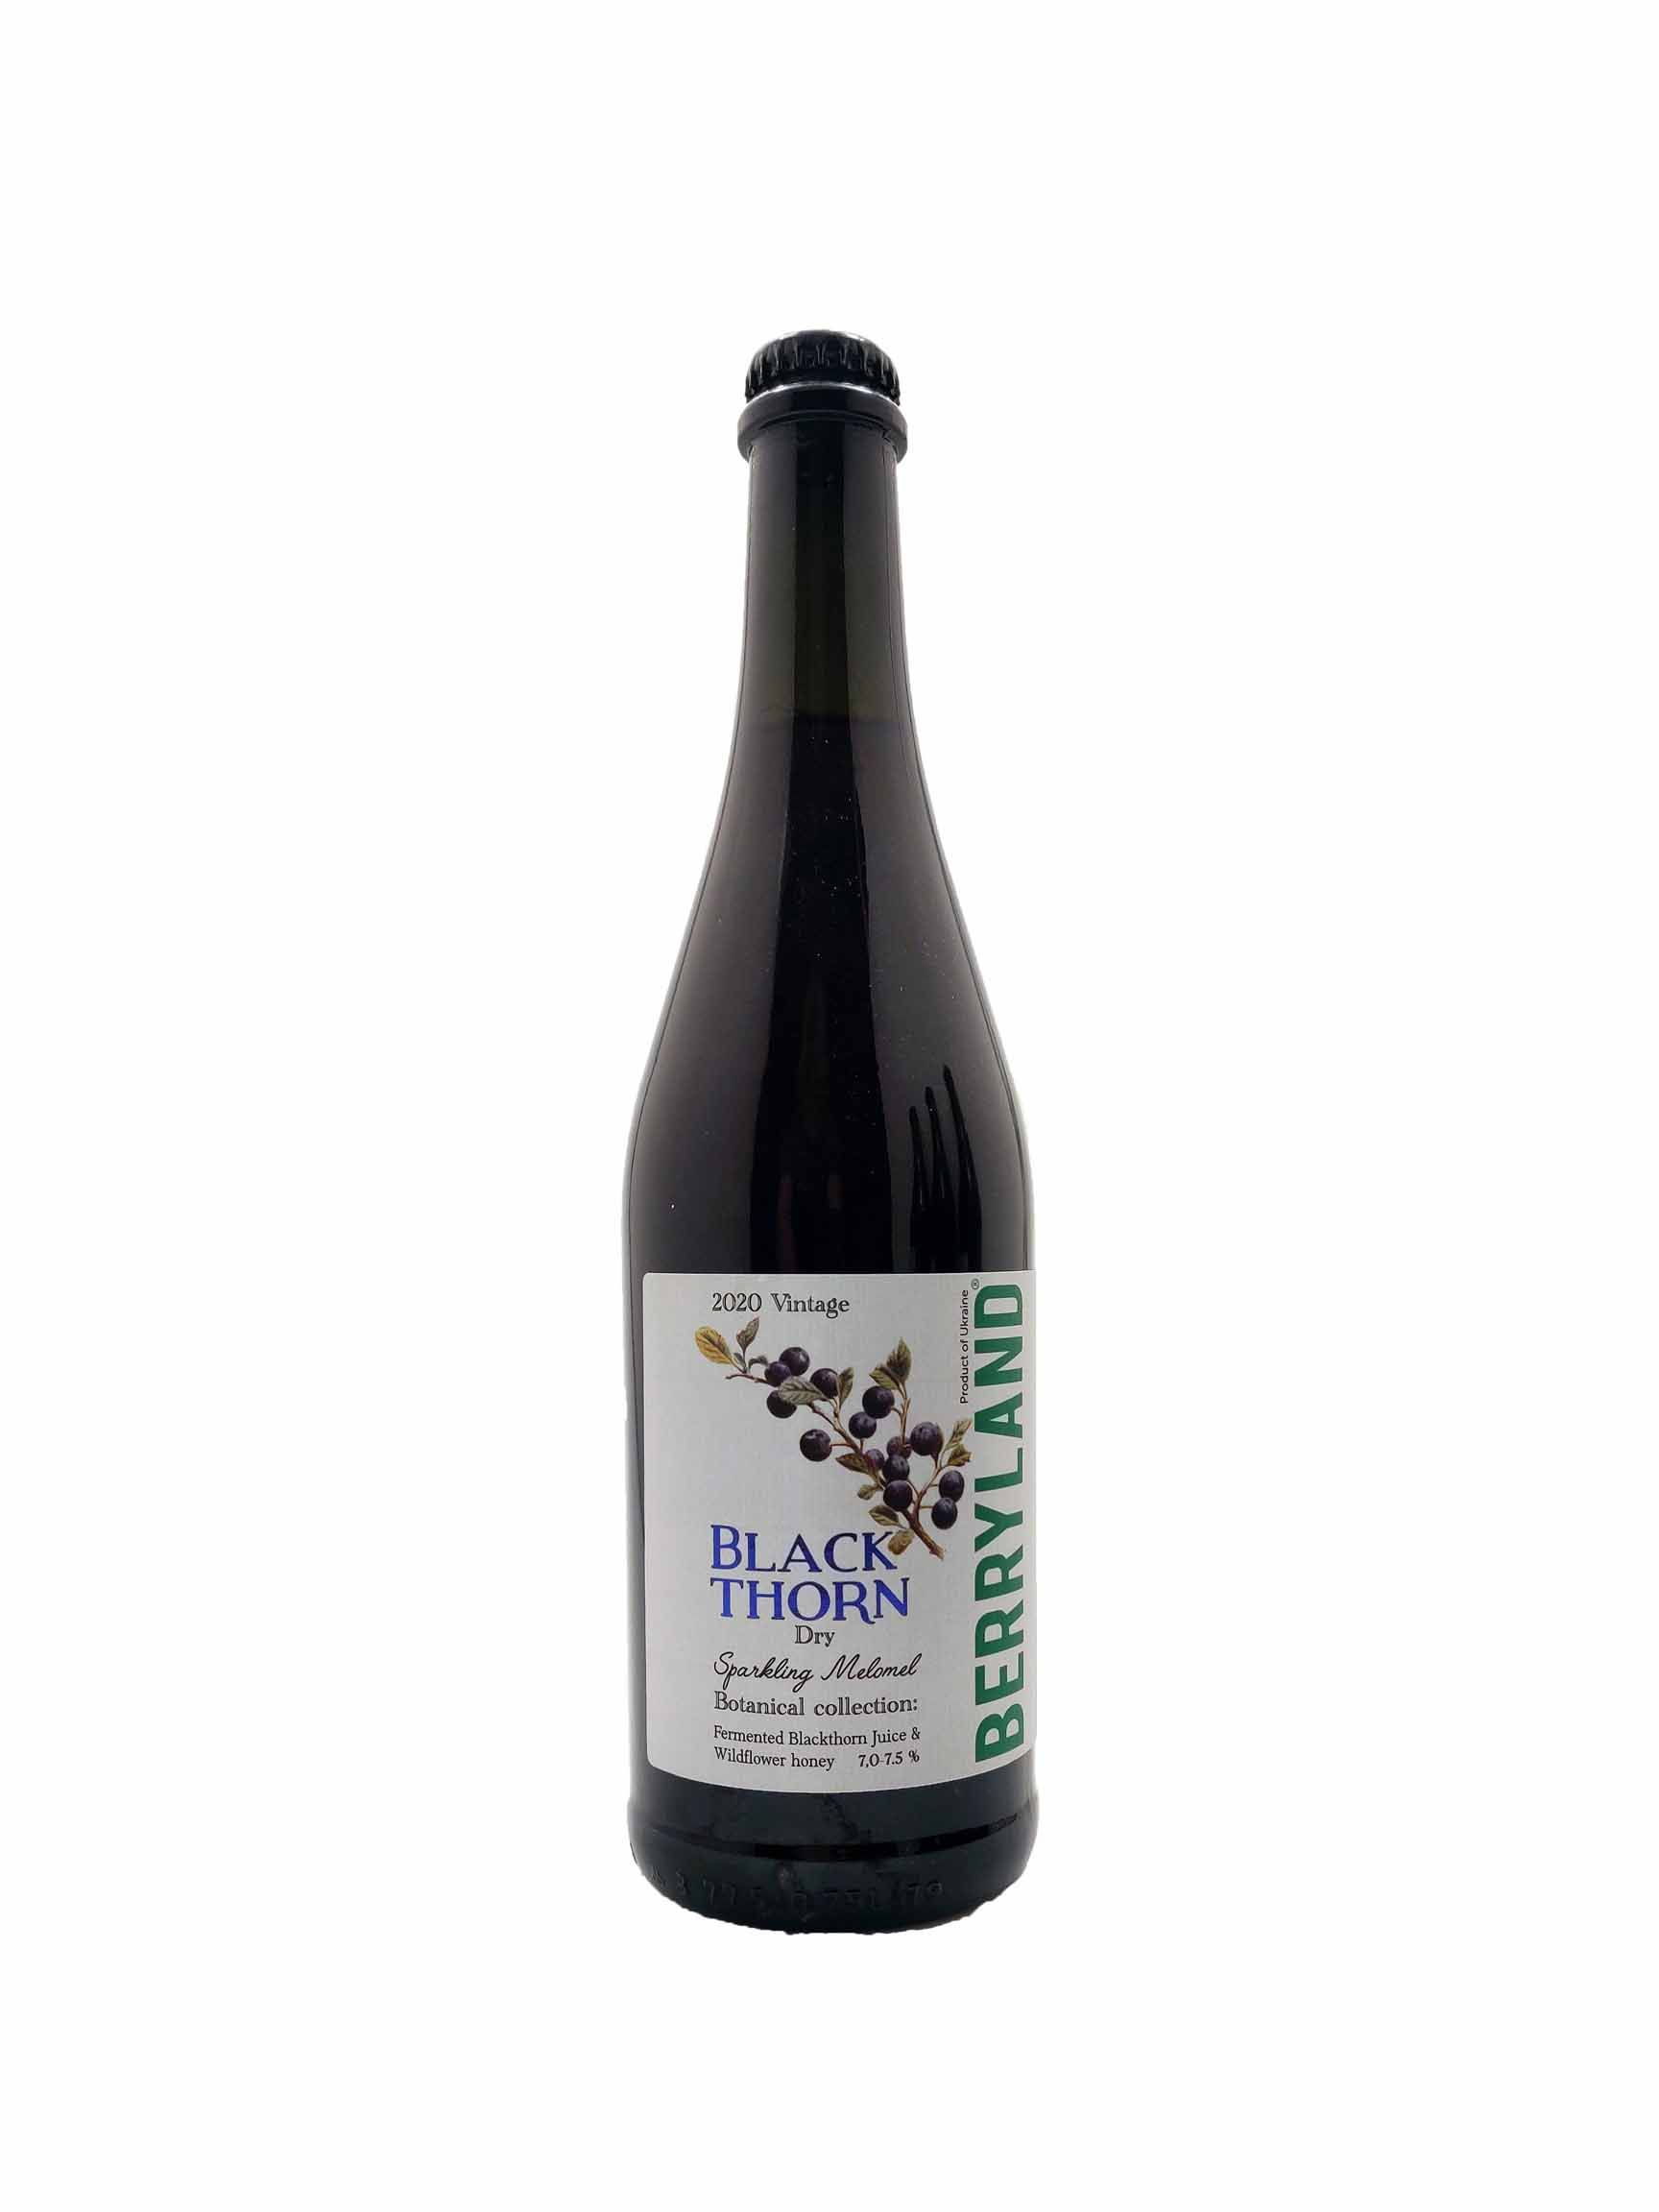 Blackthorn Sparkling Melomel Berryland